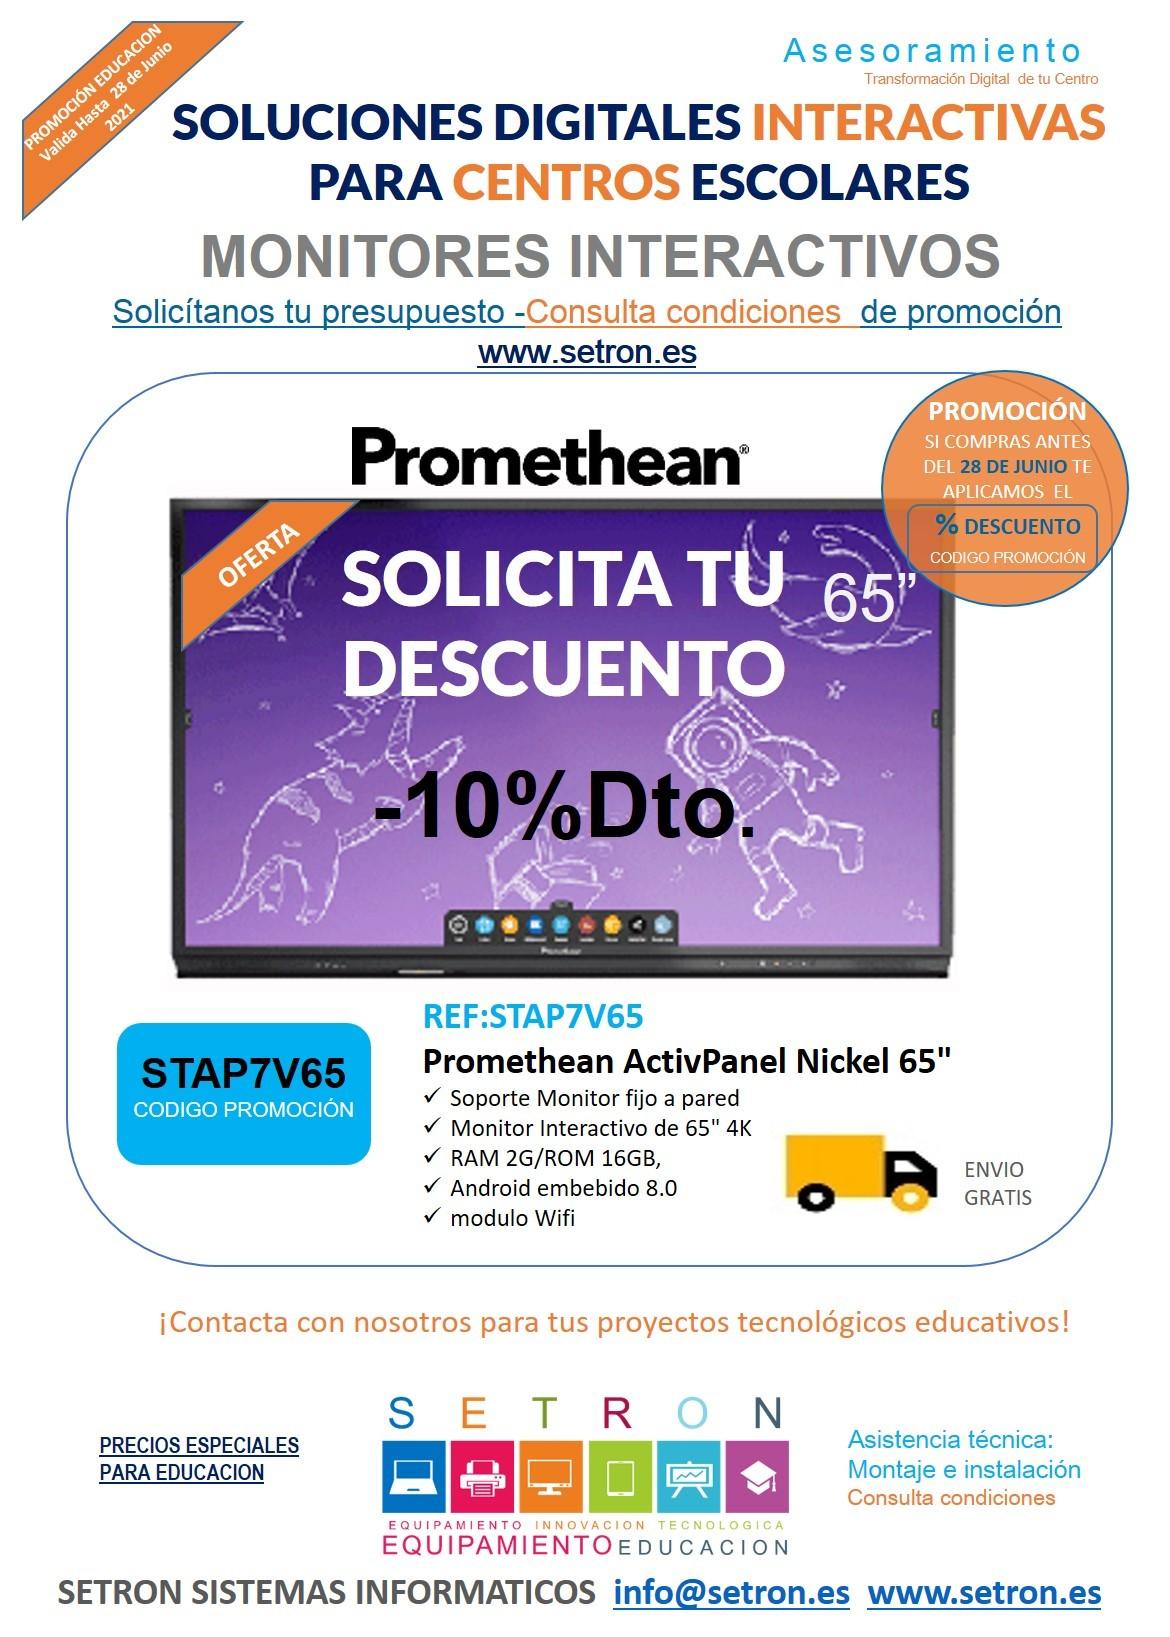 Descuento monitor Promethean